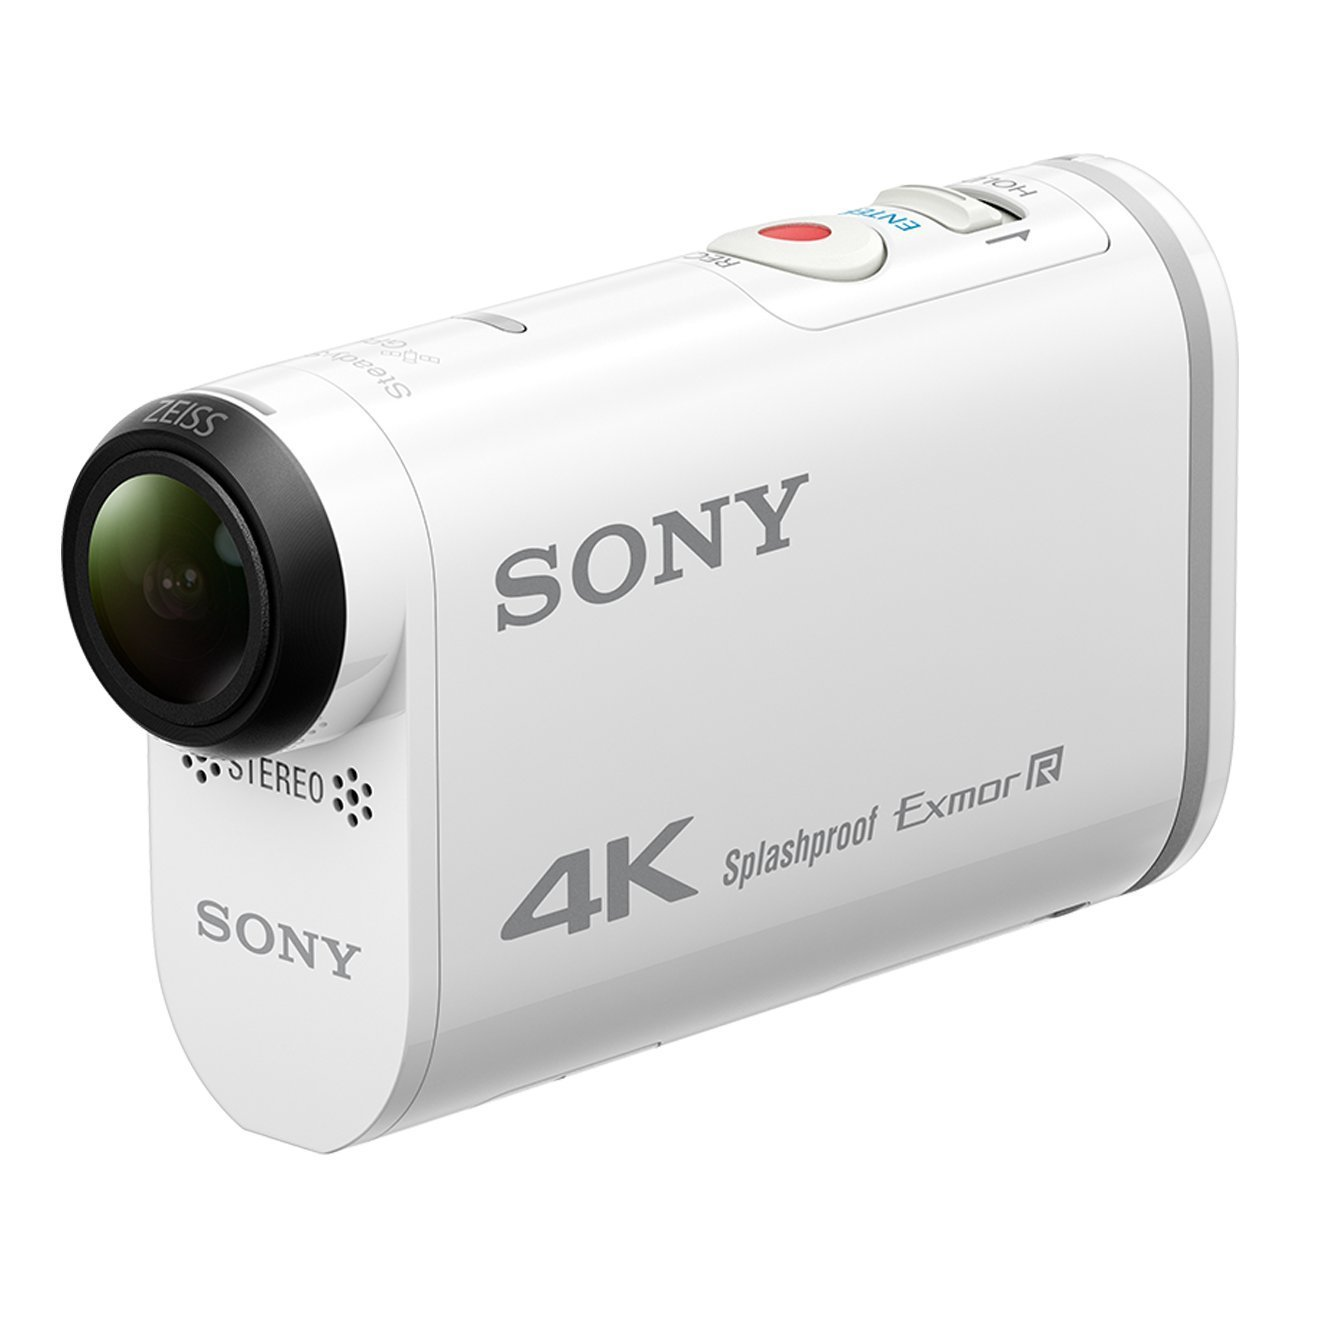 Comprar Sony Action Cam FDR-X1000V – Precios y opiniones